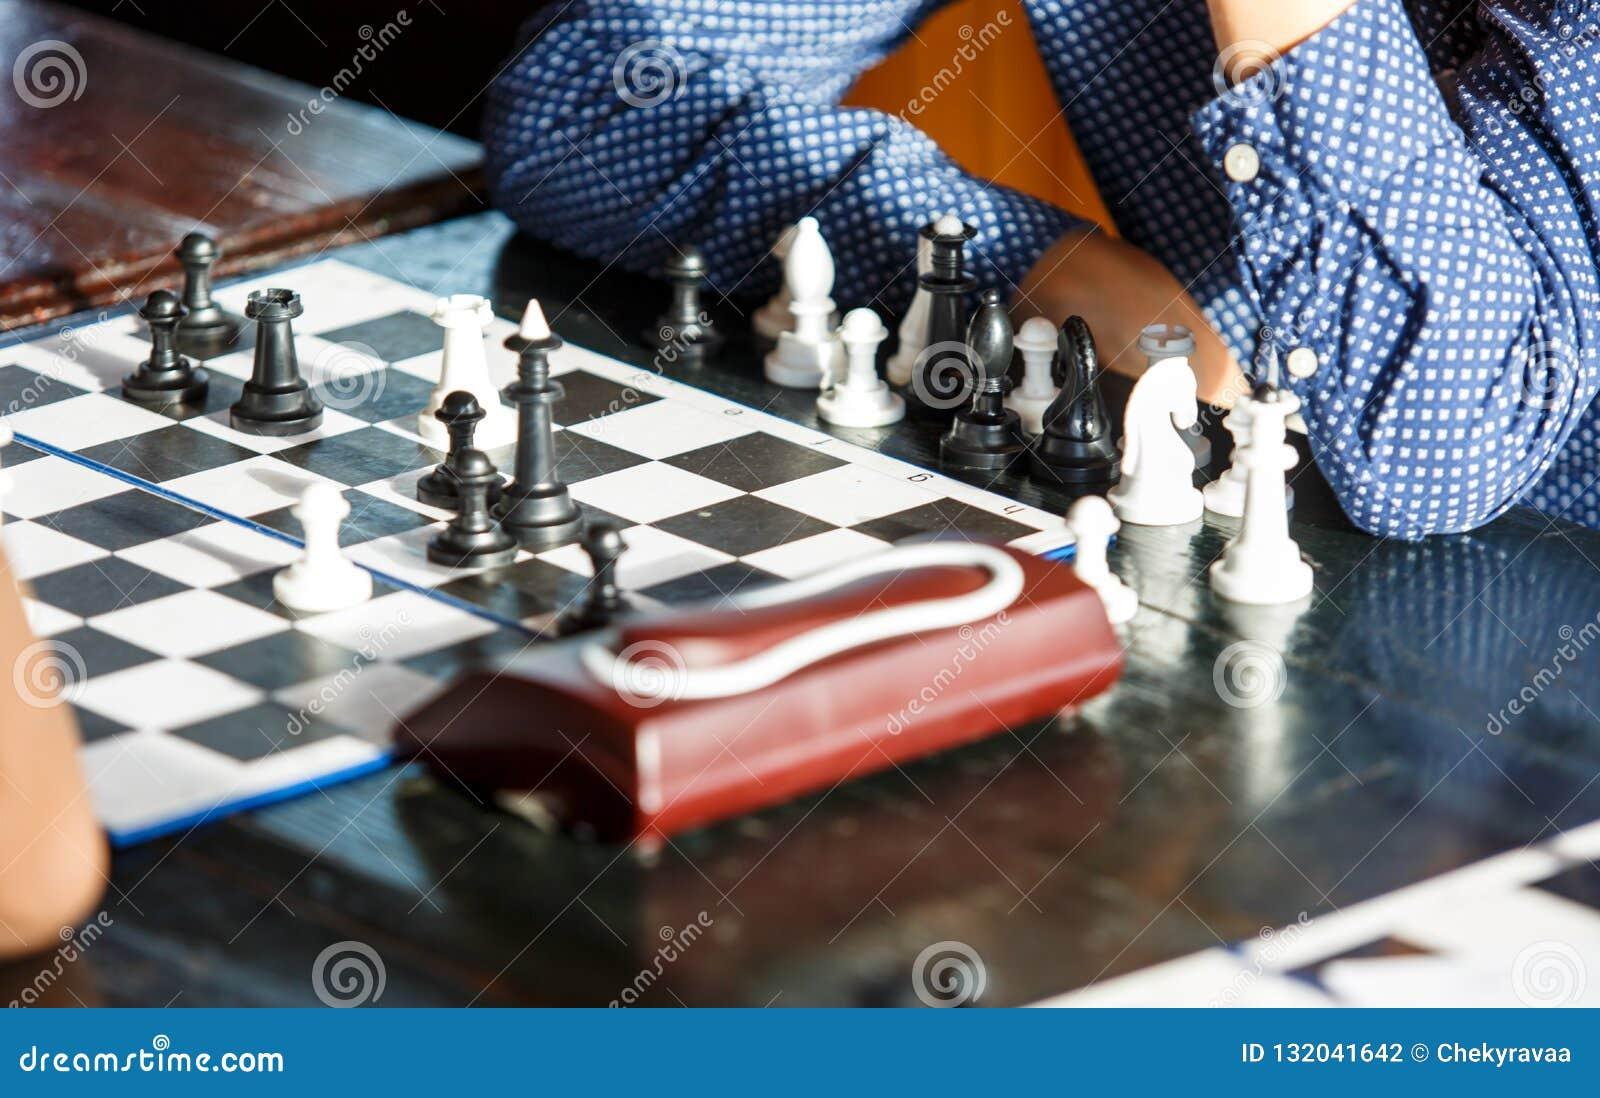 Милый молодой умный мальчик в голубой рубашке играет шахматы на тренировке перед турниром летнего лагеря шахмат хобби